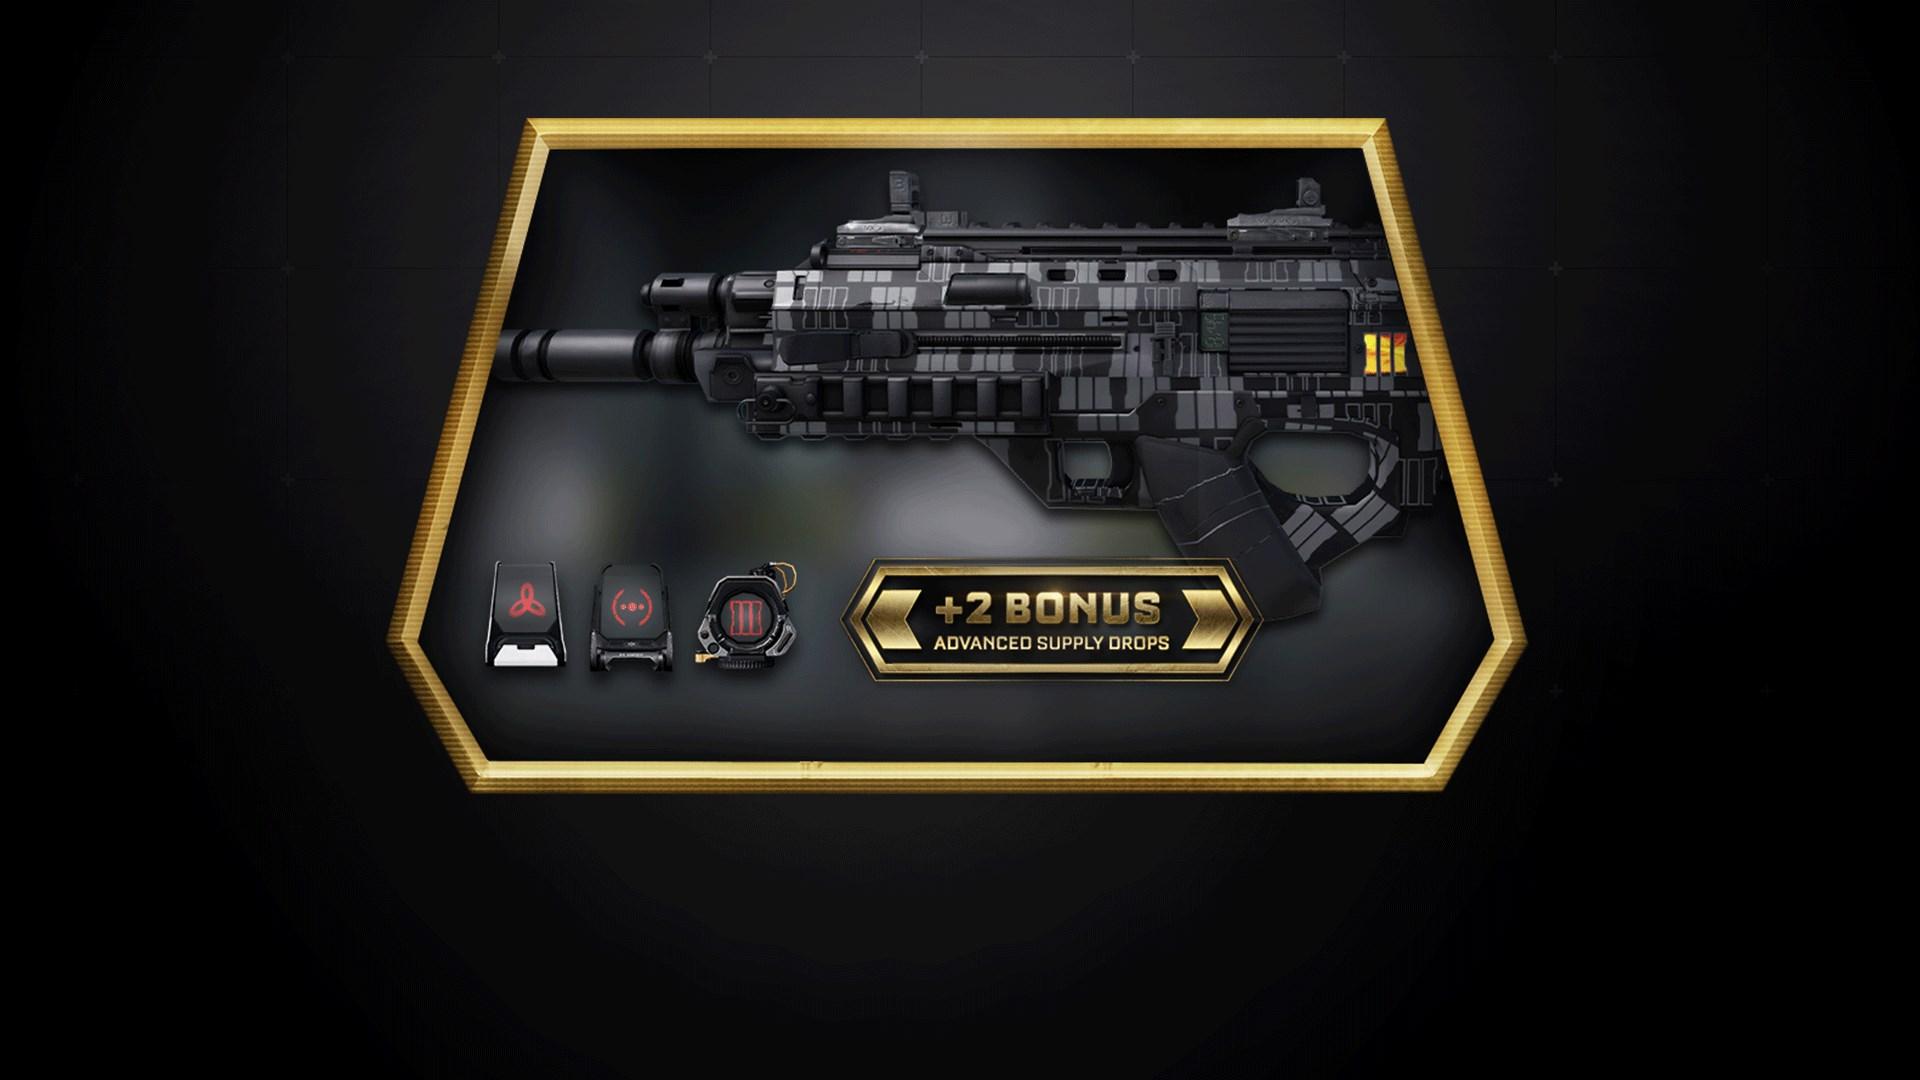 Call of Duty: Black Ops III Pre-Order Bonus Pack